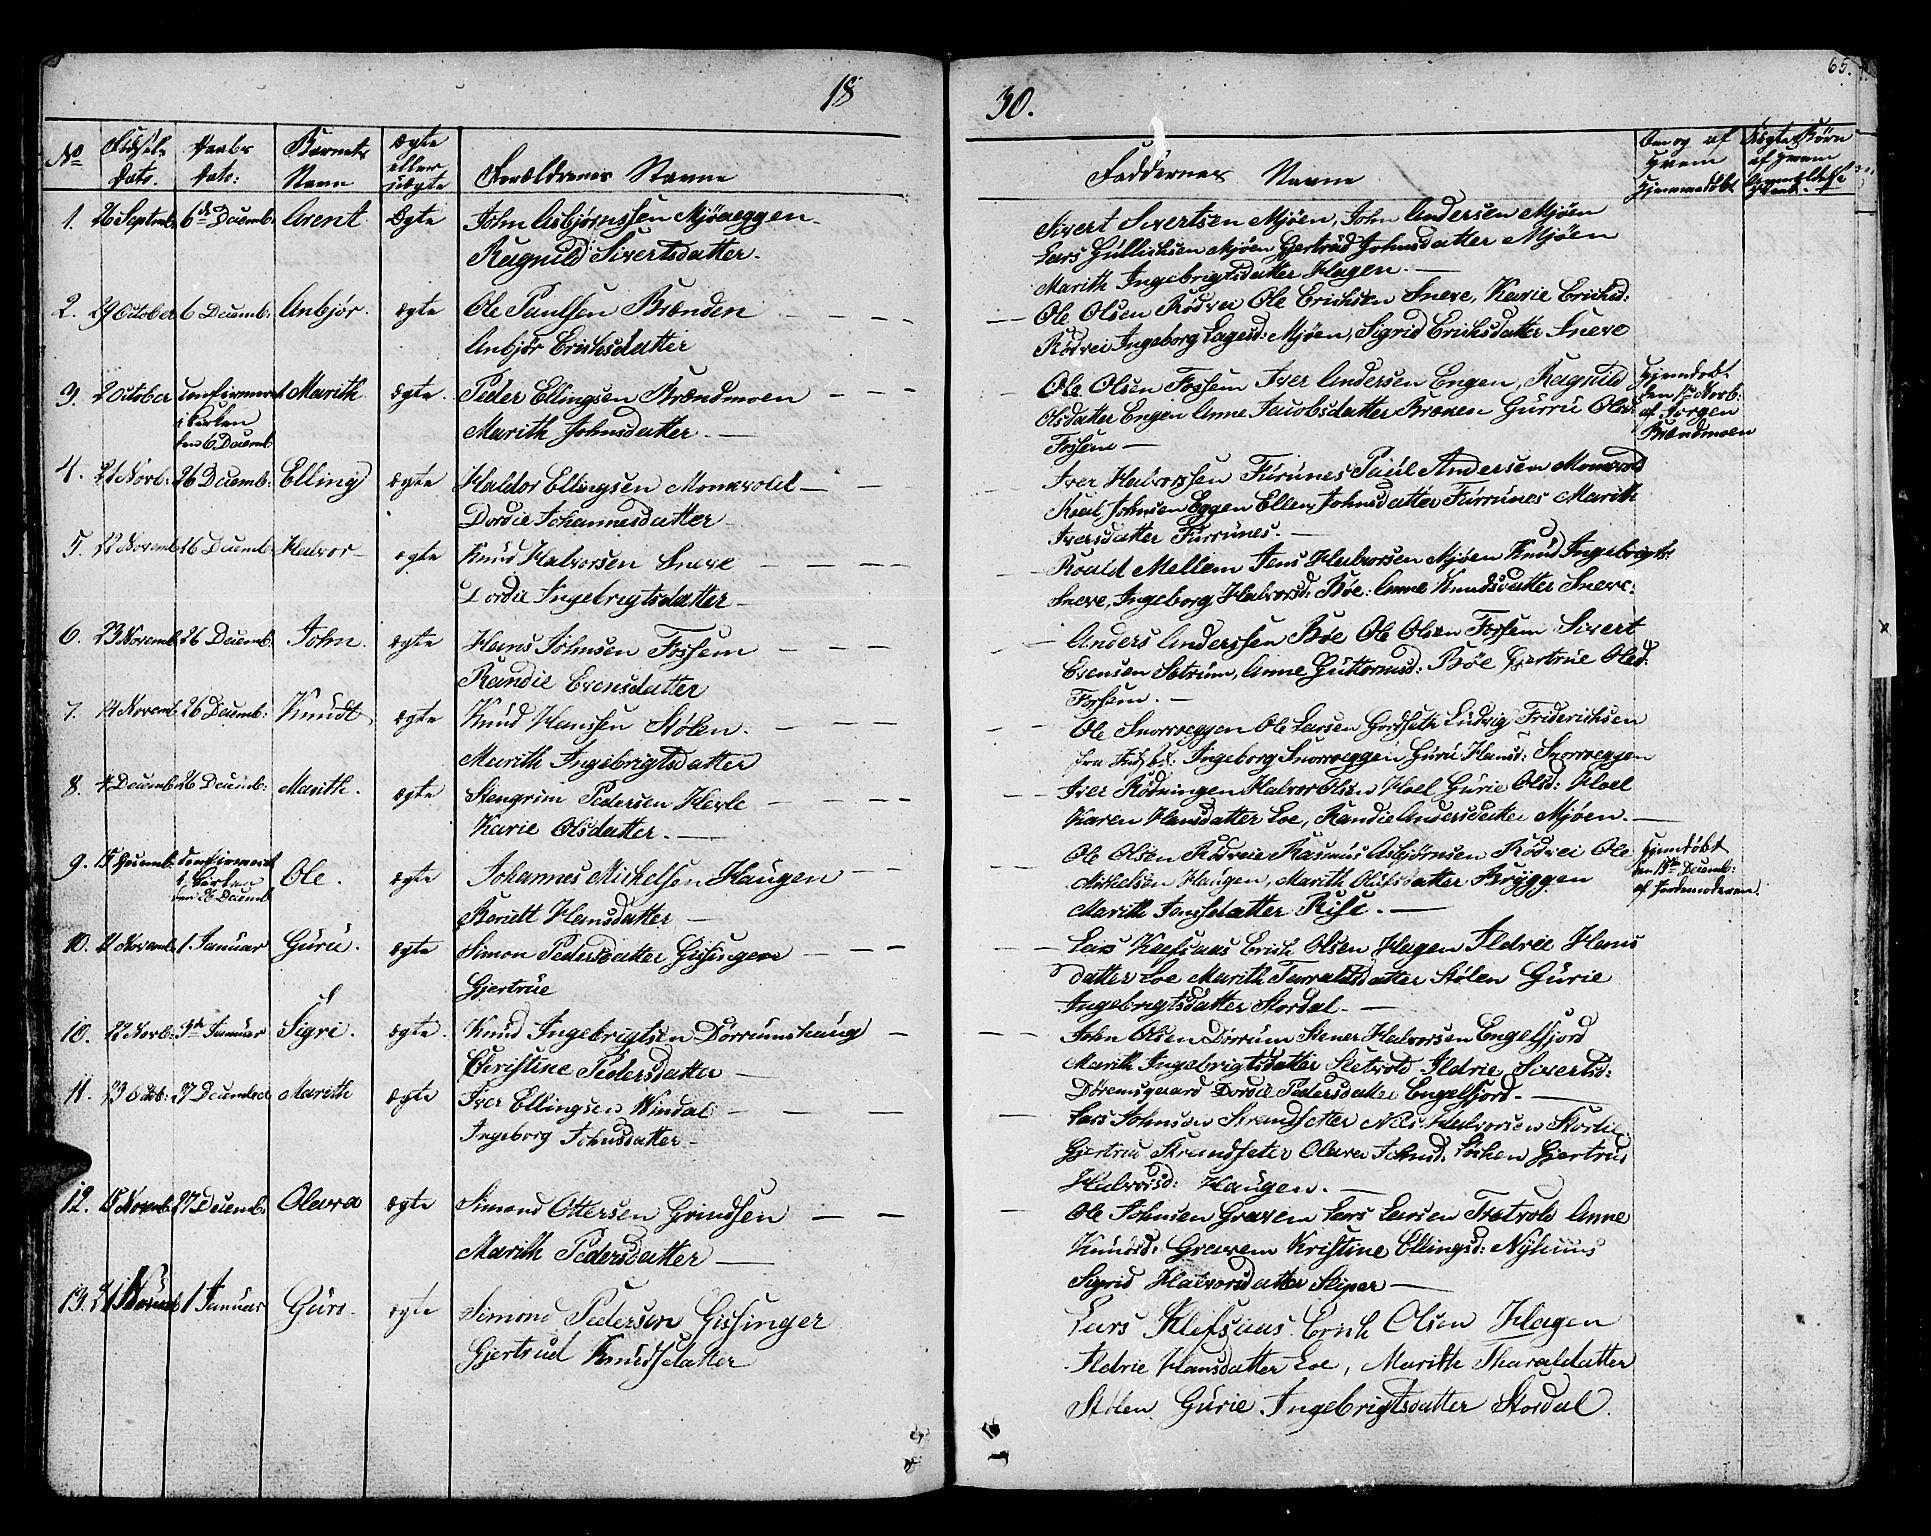 SAT, Ministerialprotokoller, klokkerbøker og fødselsregistre - Sør-Trøndelag, 678/L0897: Ministerialbok nr. 678A06-07, 1821-1847, s. 65